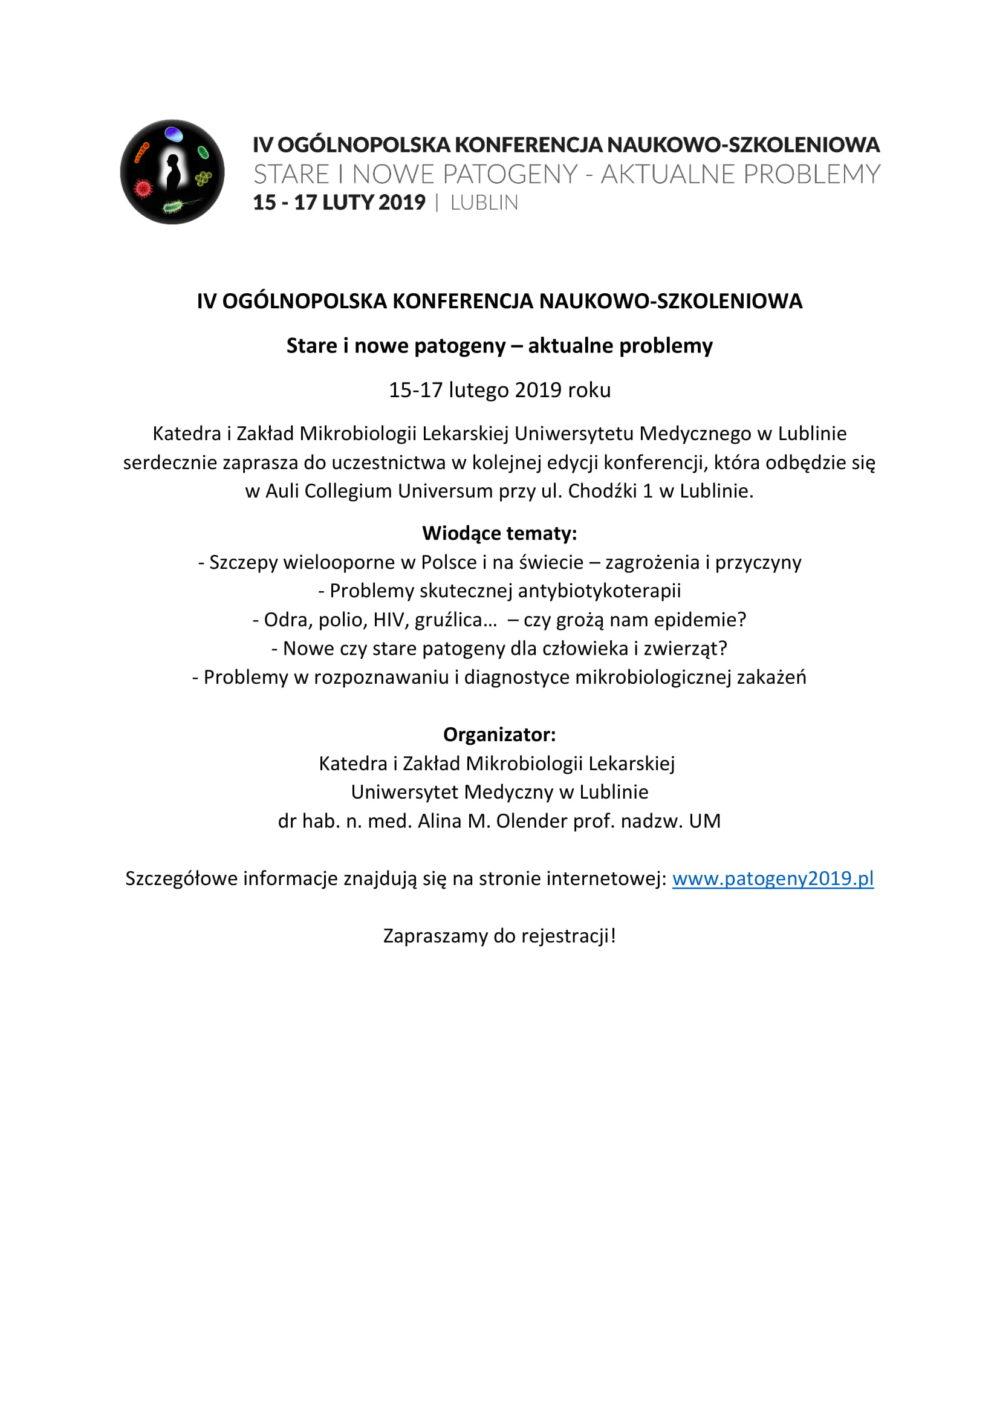 KONFERENCJA NAUKOWO-SZKOLENIOWA Stare i nowe patogeny – aktualne problemy. 15-17 luty 2019